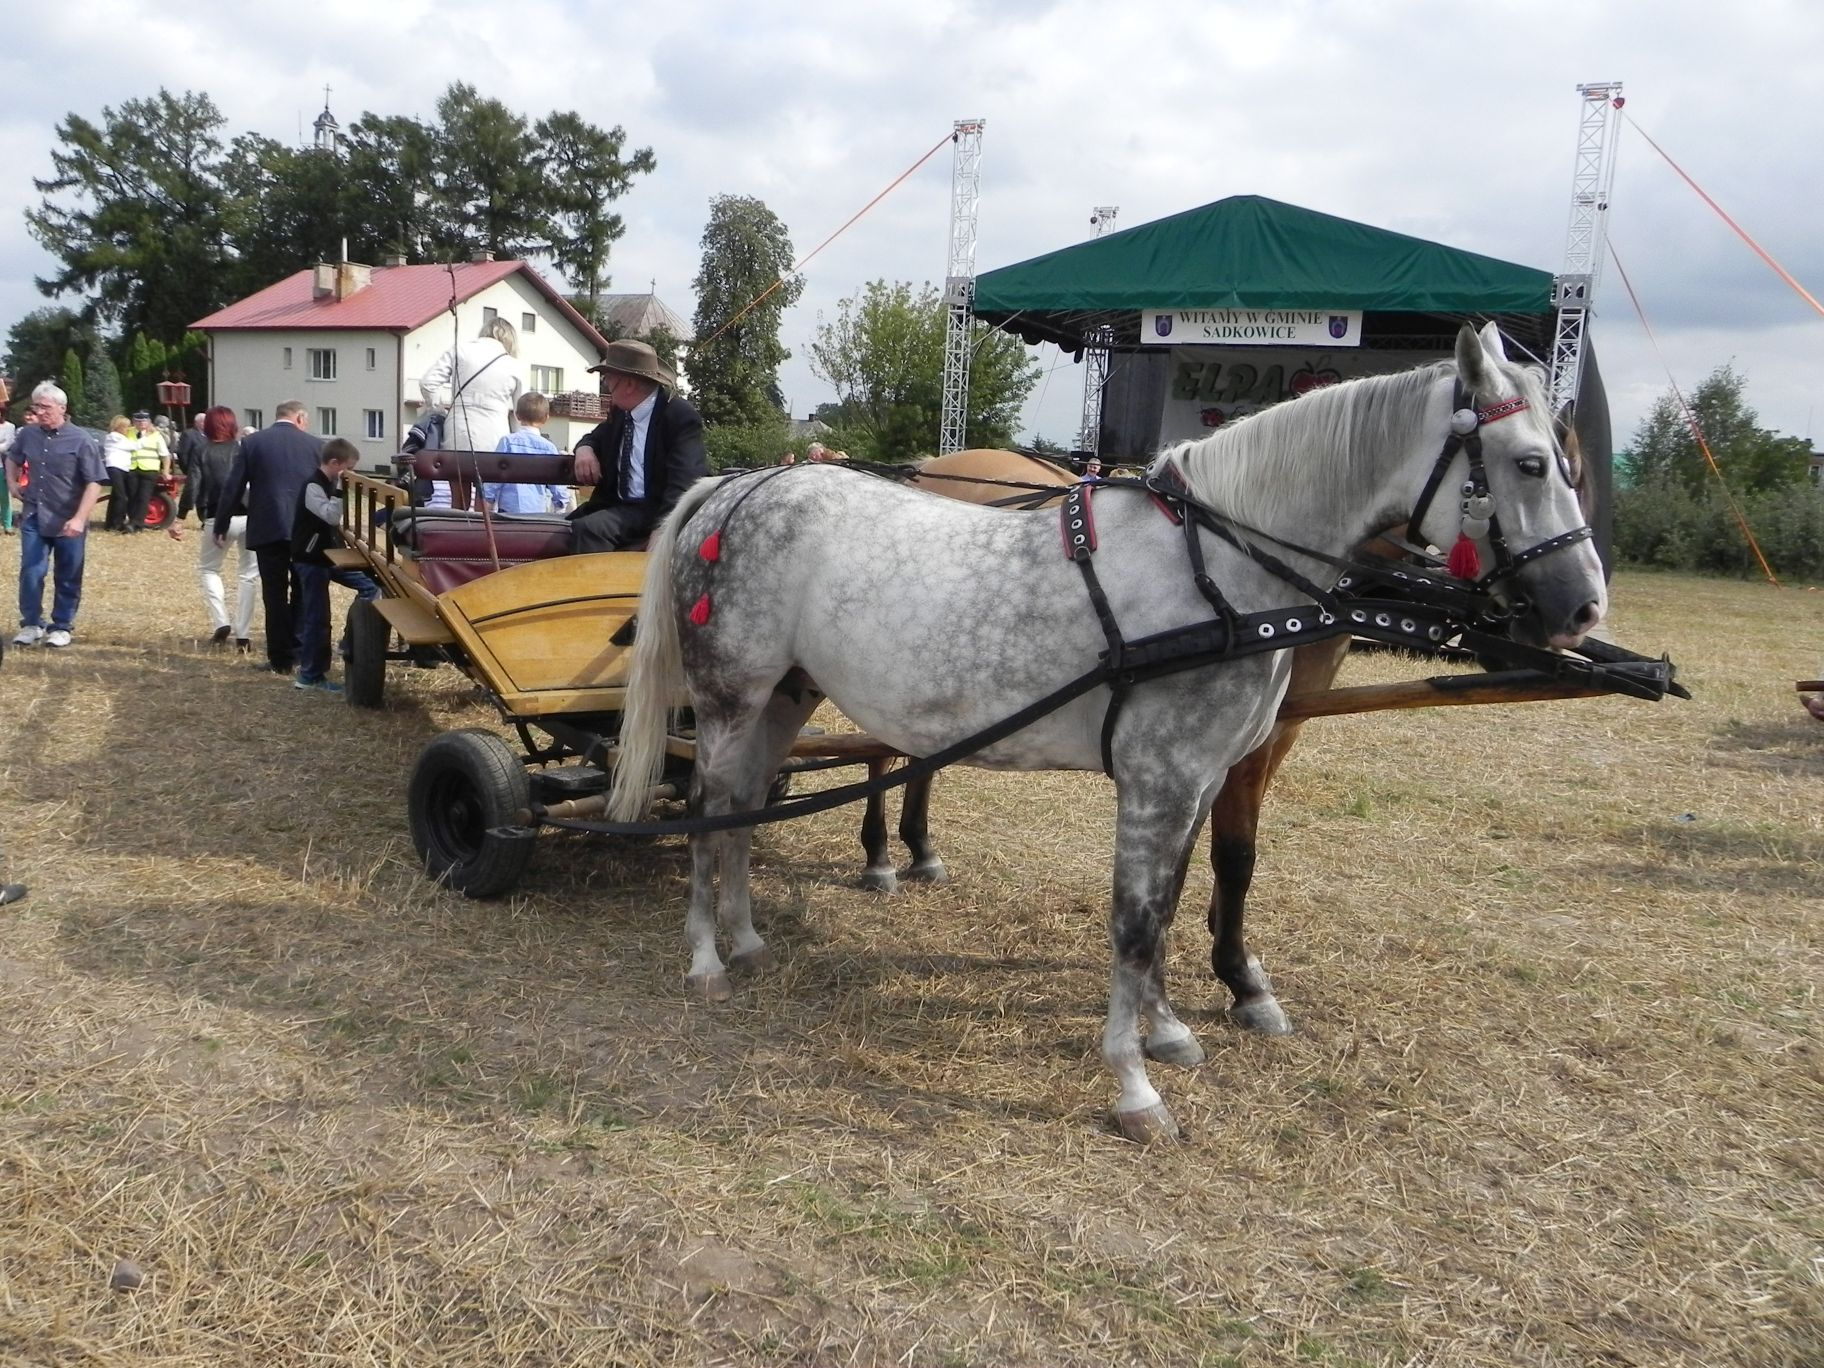 2012-08-16 Sadkowice - dożynki (71)